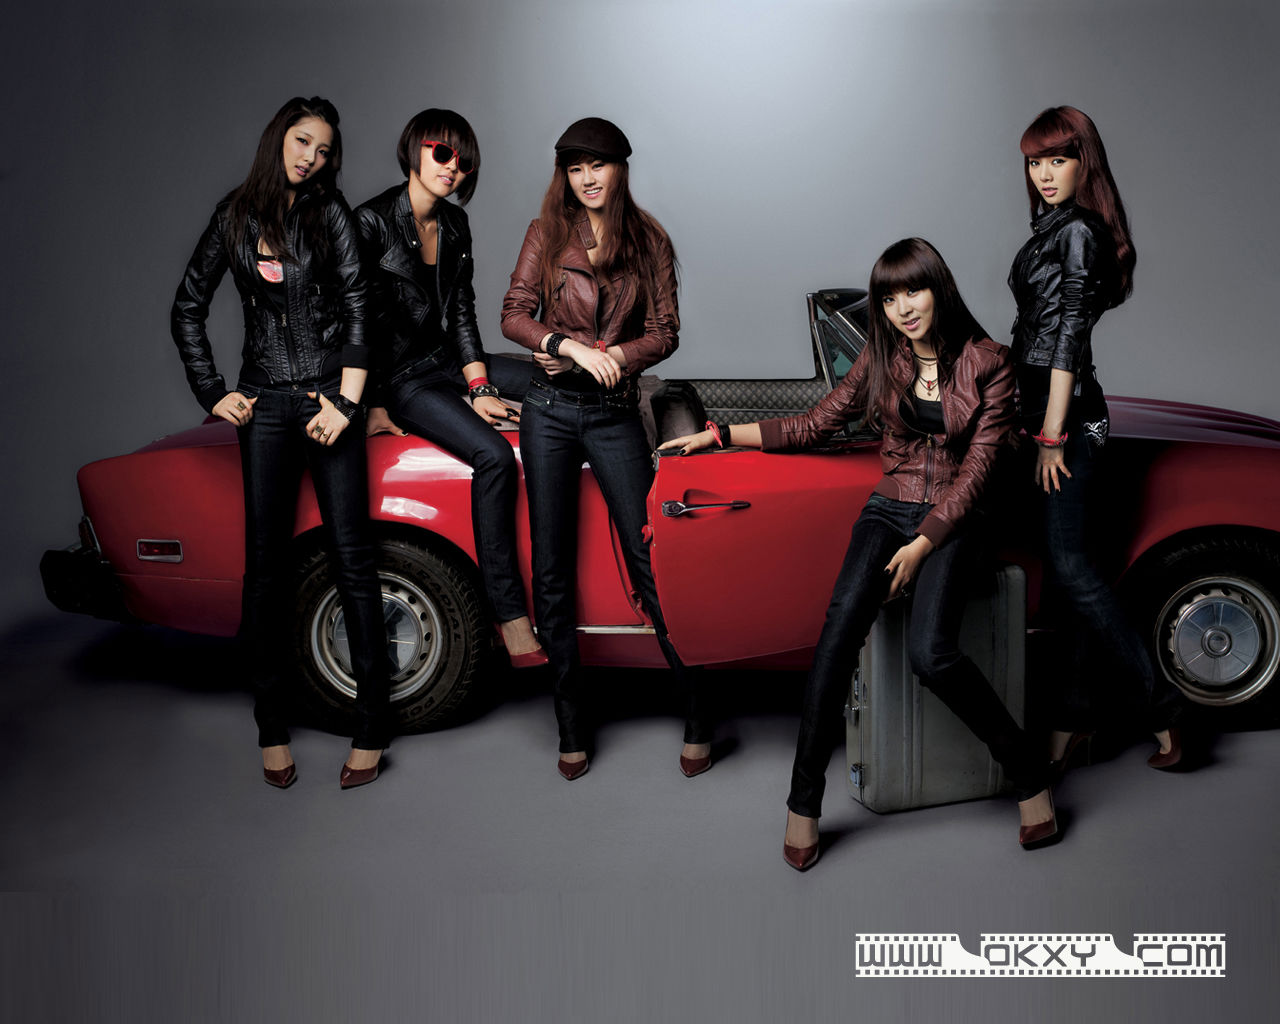 韩国美女壁纸韩国美女韩国美女壁纸高清美女电影